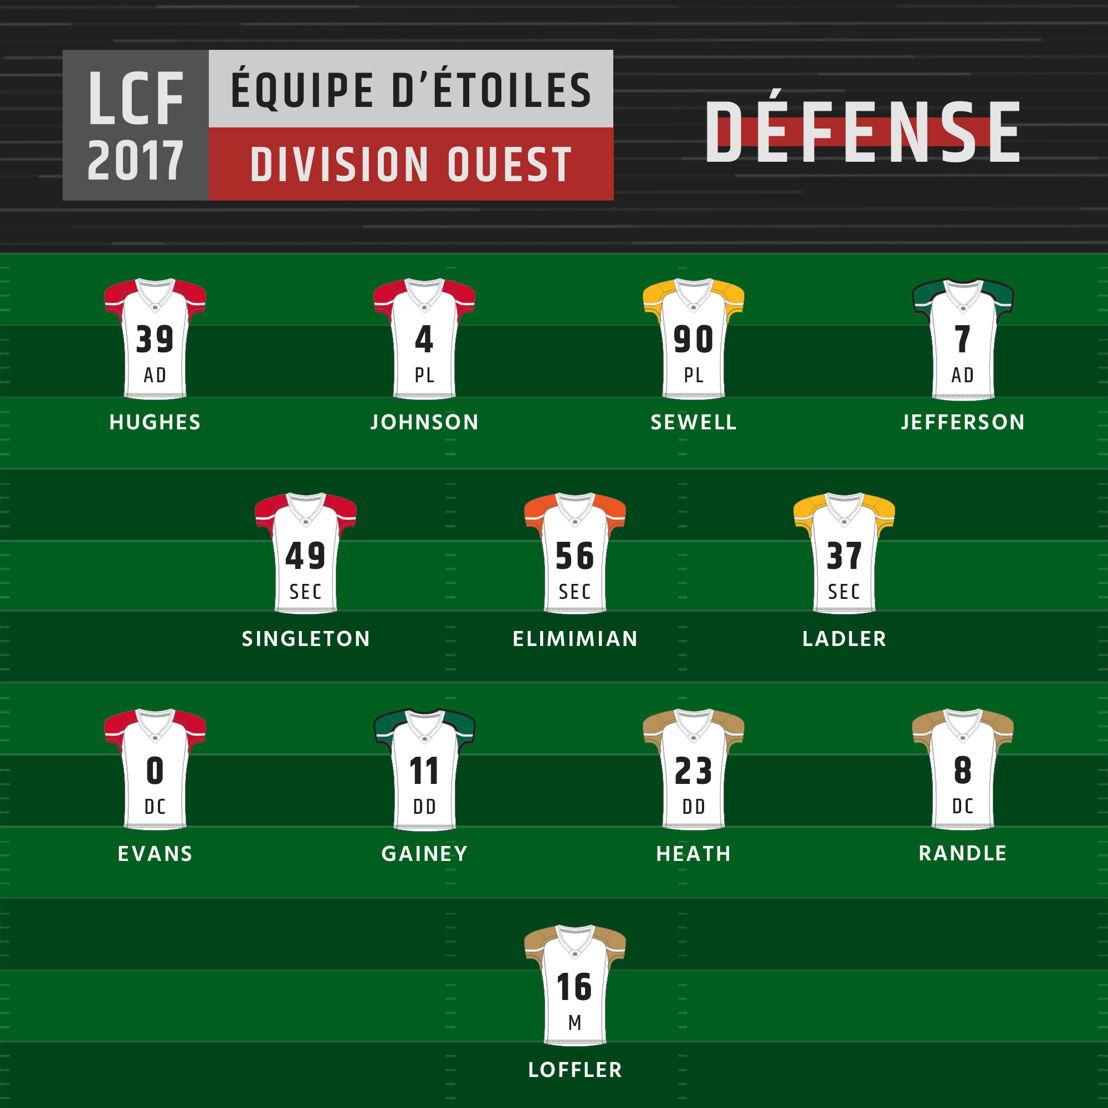 Équipe d'étoiles de la division Ouest - Défense